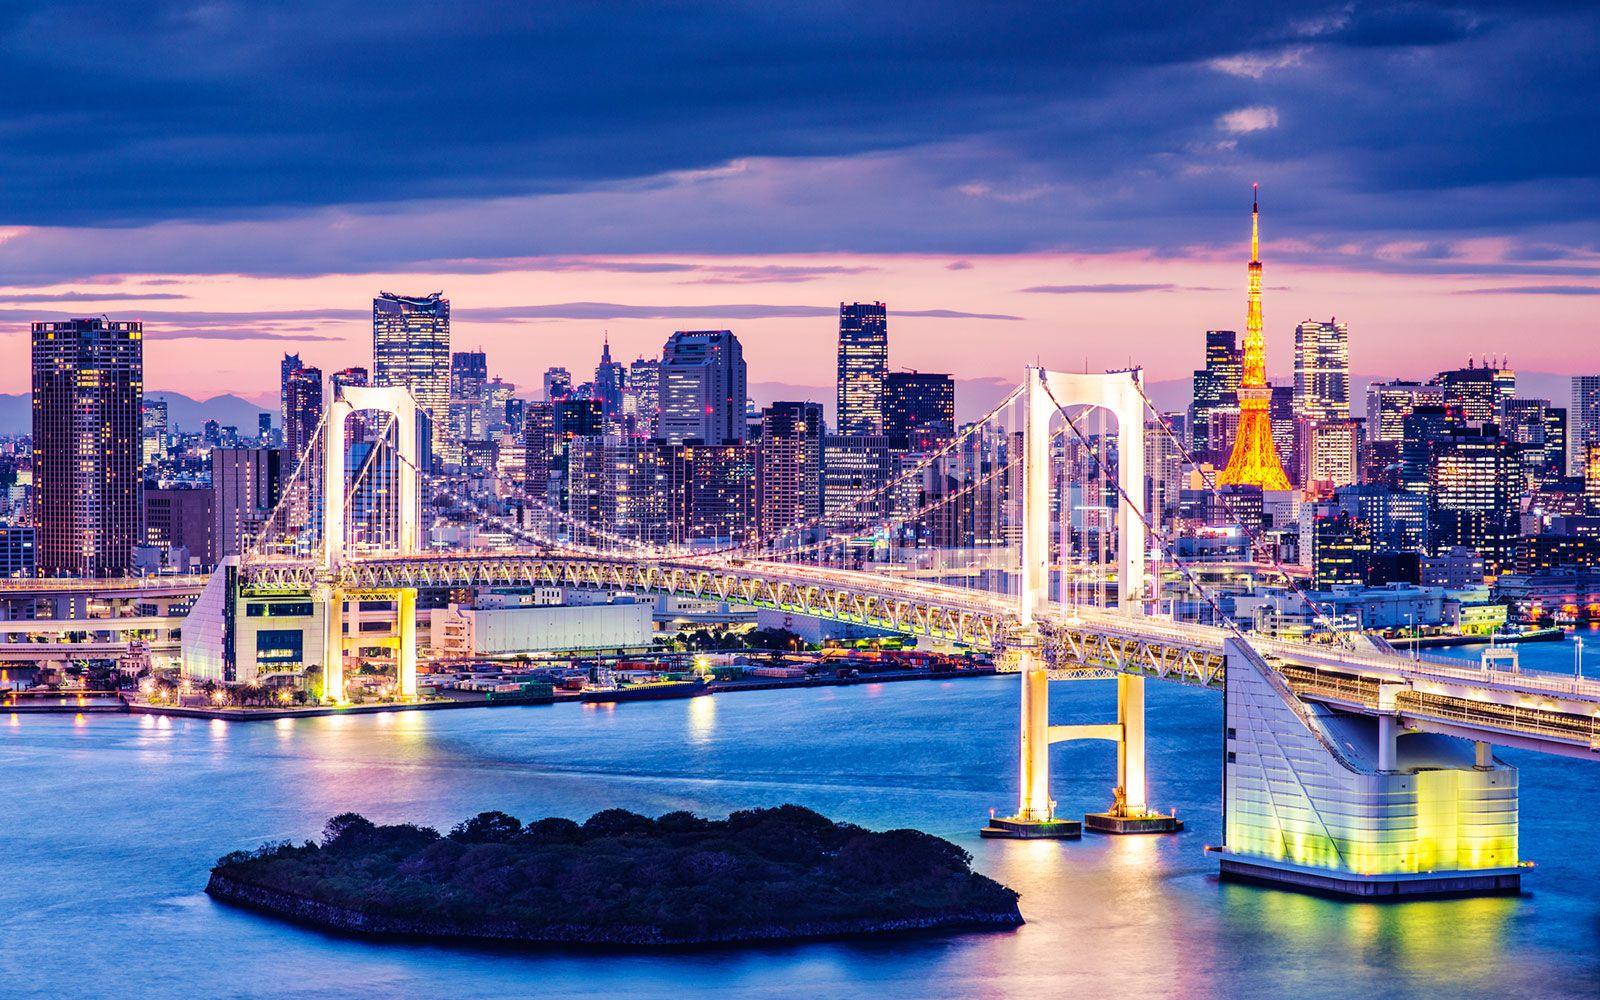 Tokyo skyline overlooking Tokyo Tower